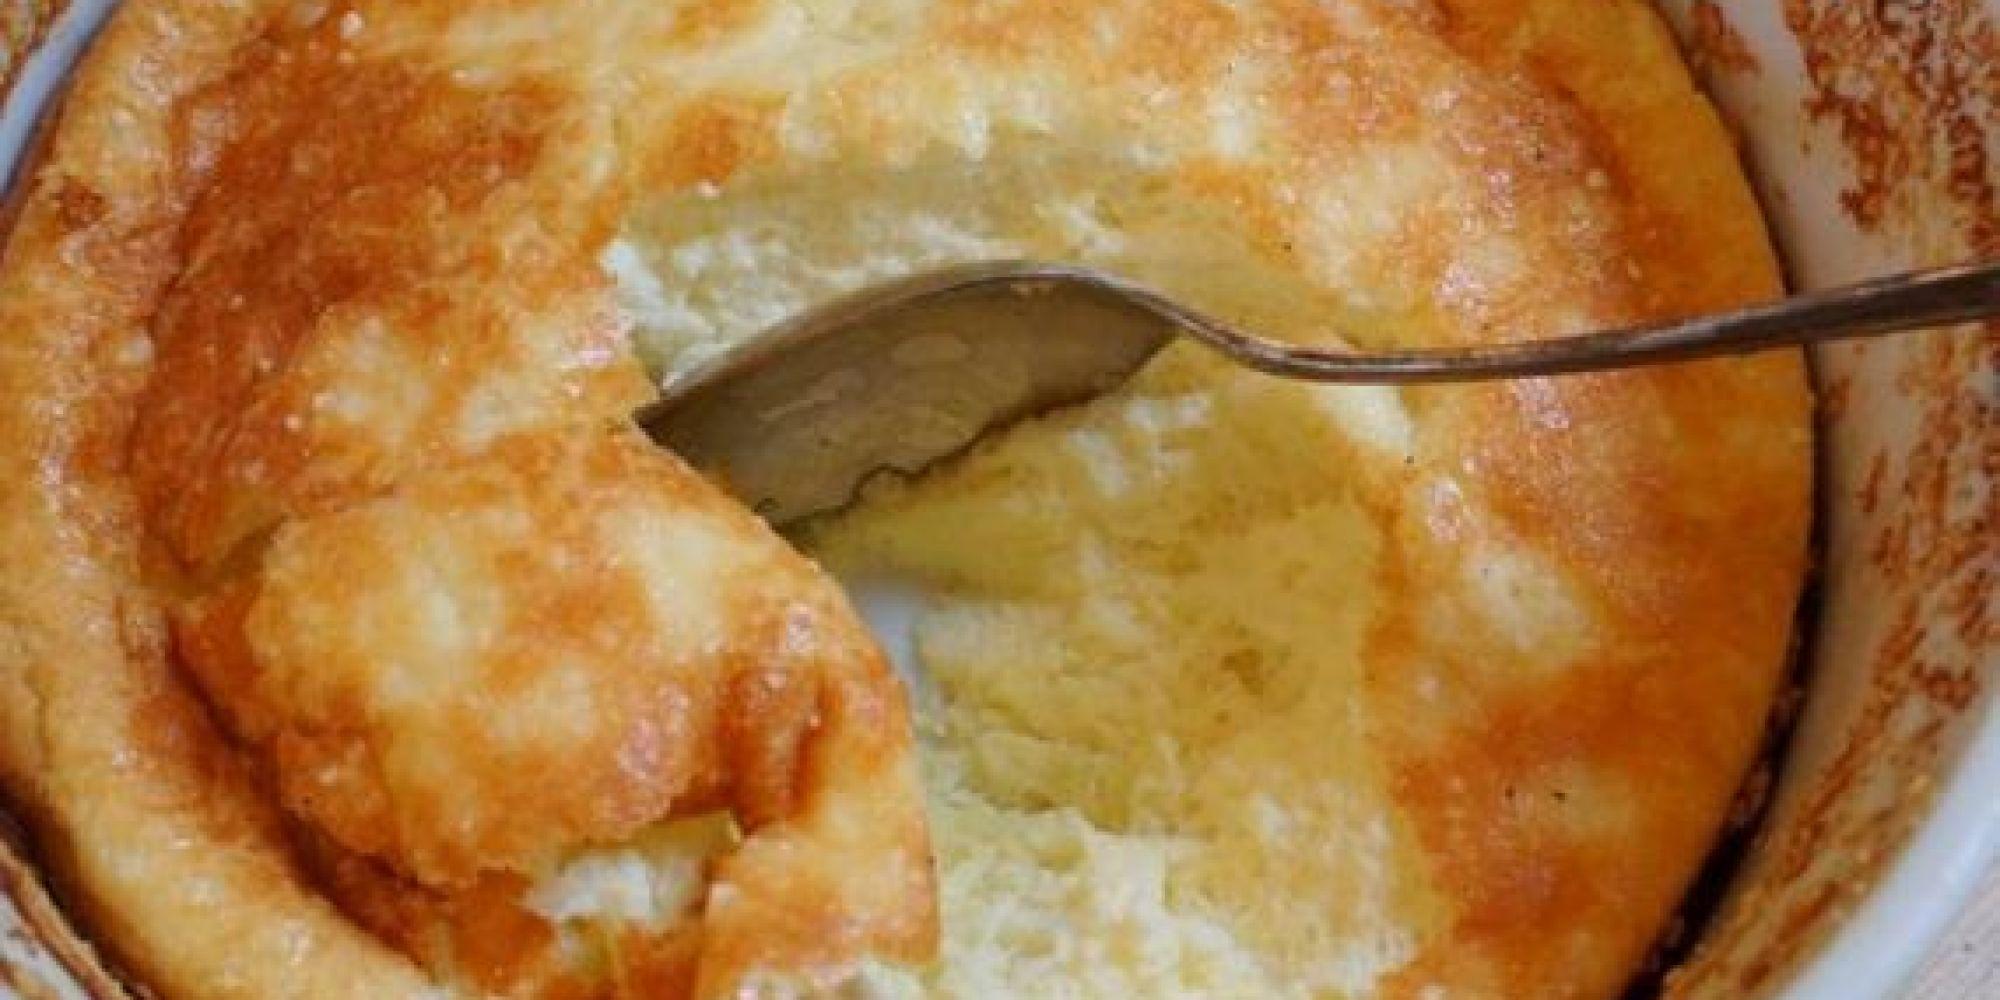 ... loftiest souffle nutella souffle blue cheese souffle recipe on food52